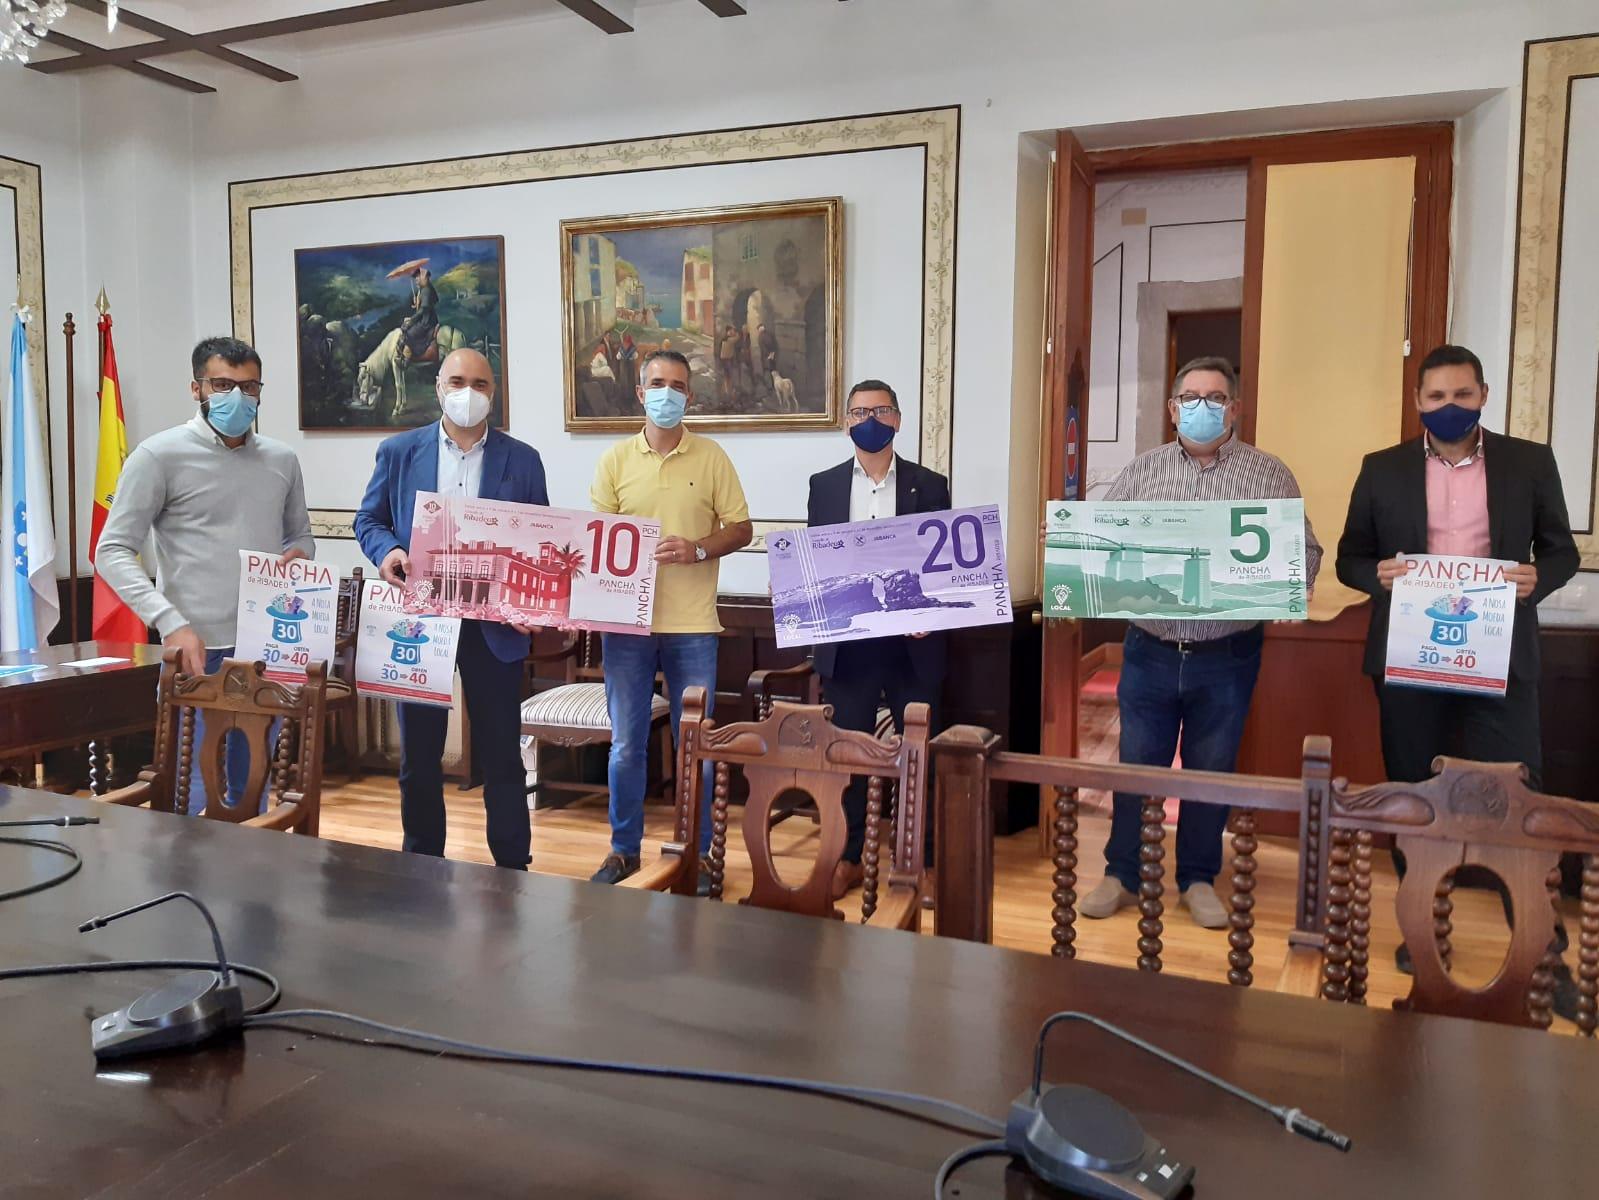 """108 establecimientos de comercio y hostelería de Ribadeo participan en la segunda edición de la campaña """"Pancha, a nosa moeda local"""""""